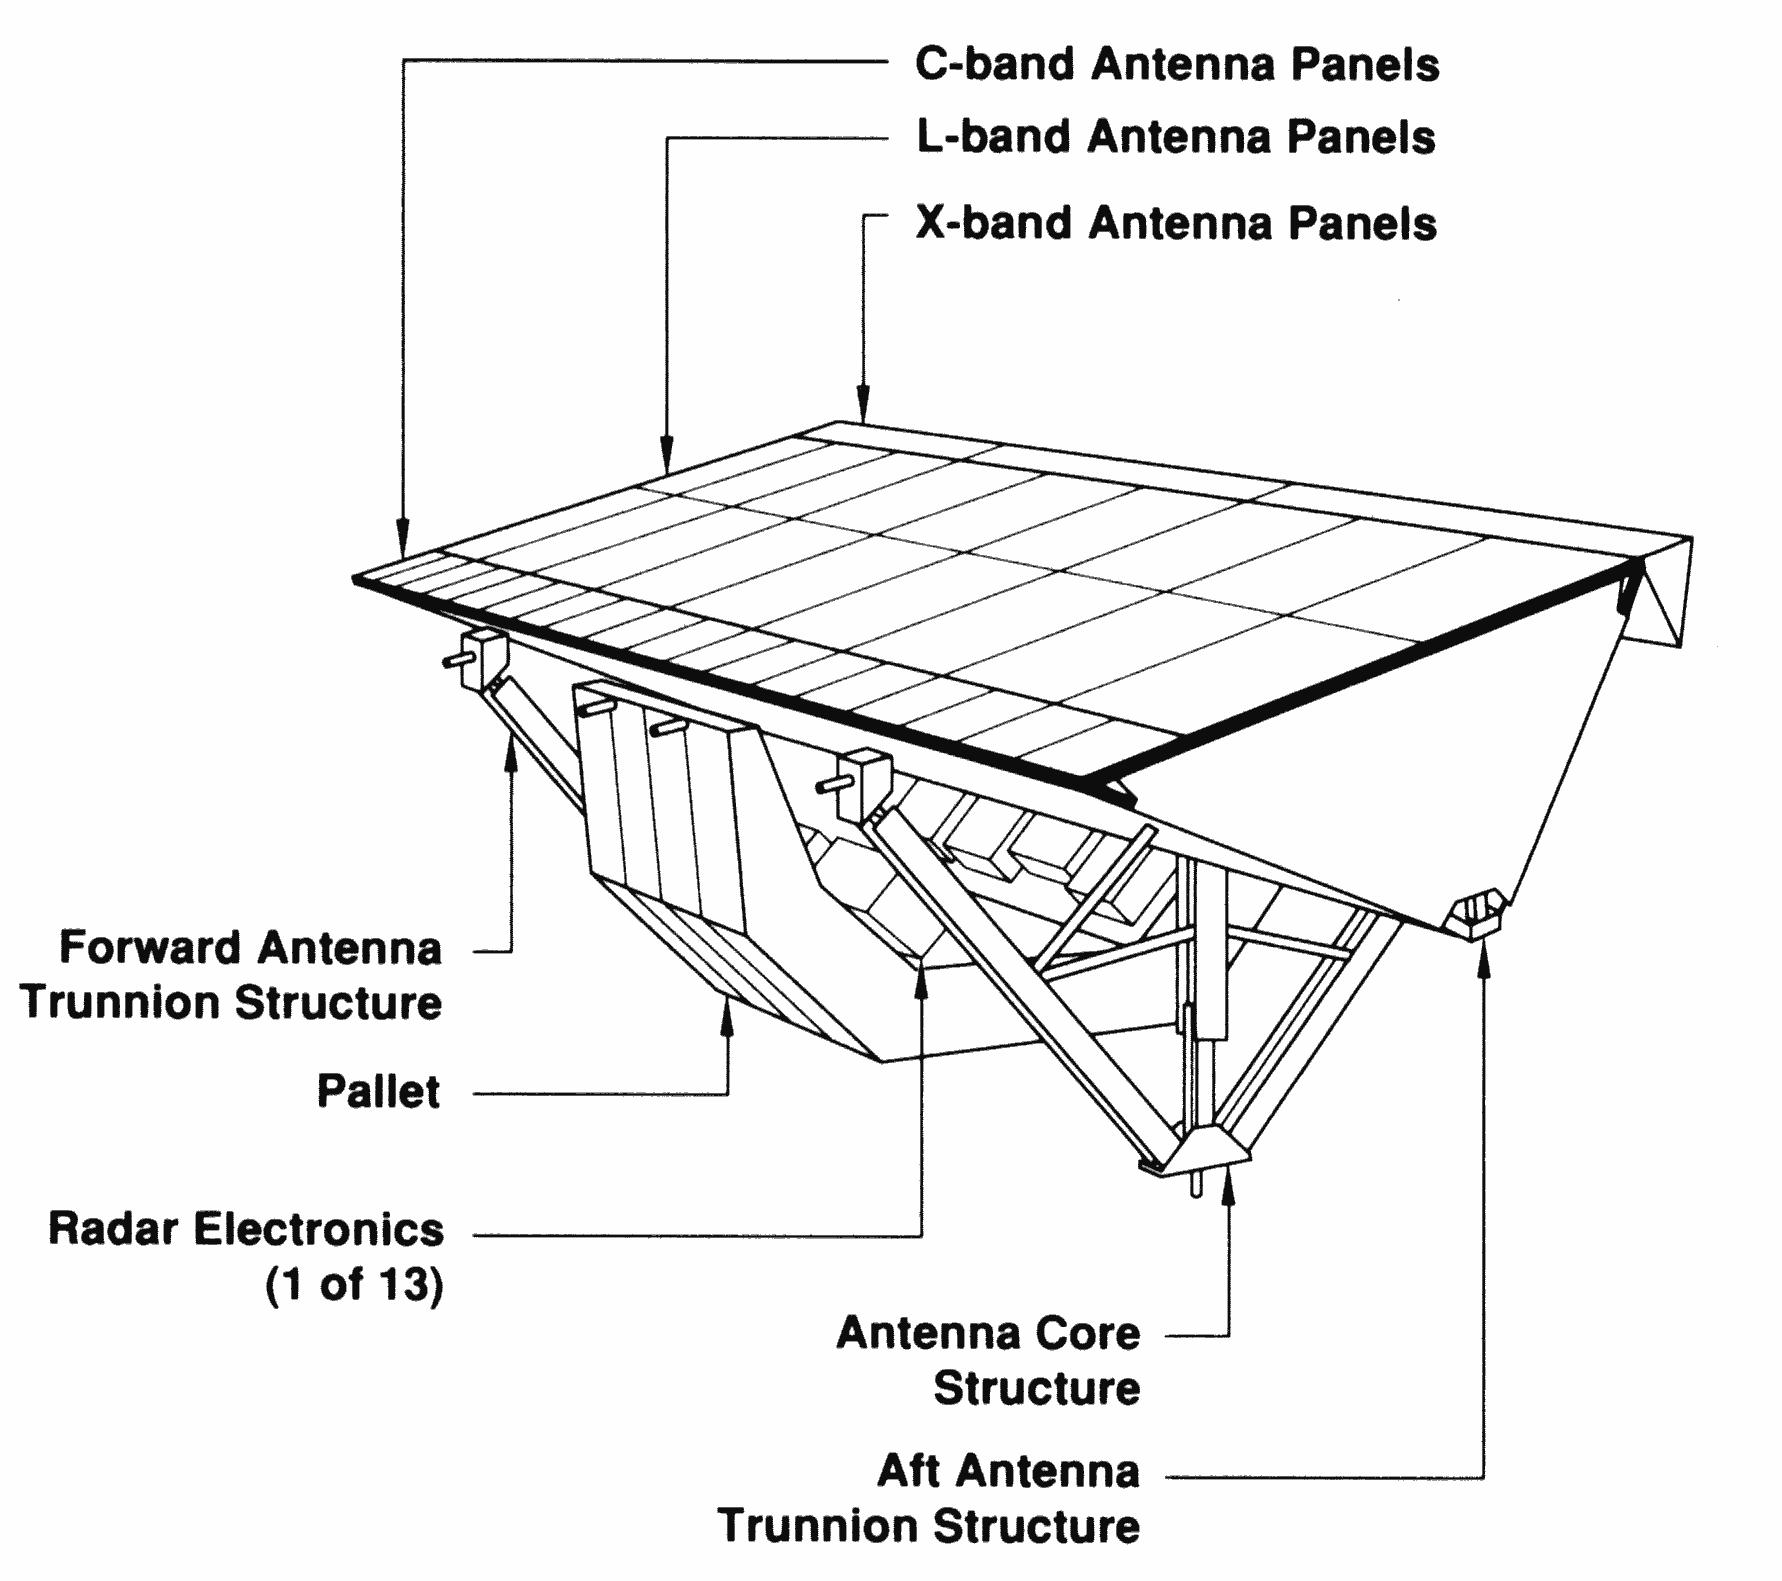 file sir-c x-sar antenna png